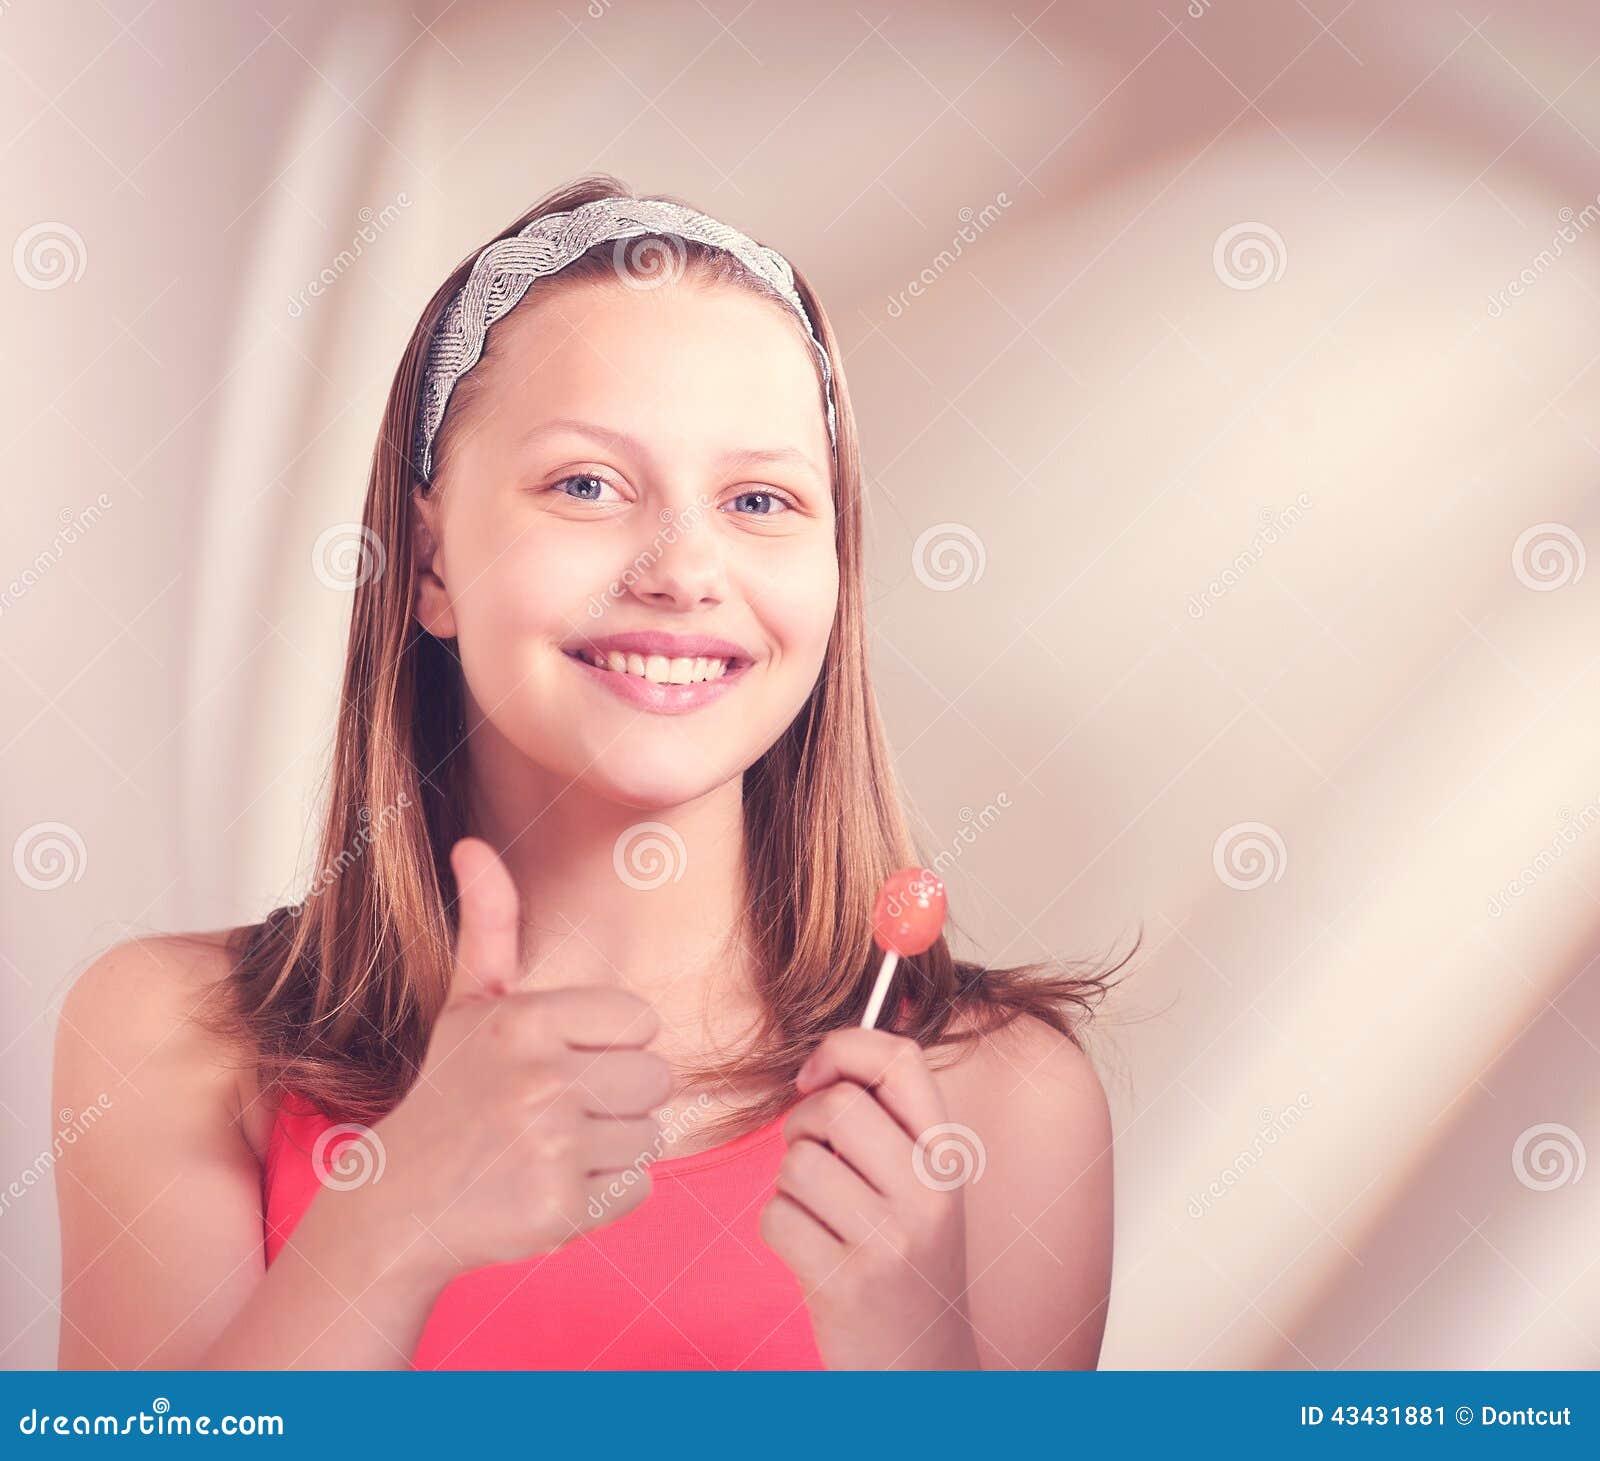 Too happens:) Teen girl with lollipop